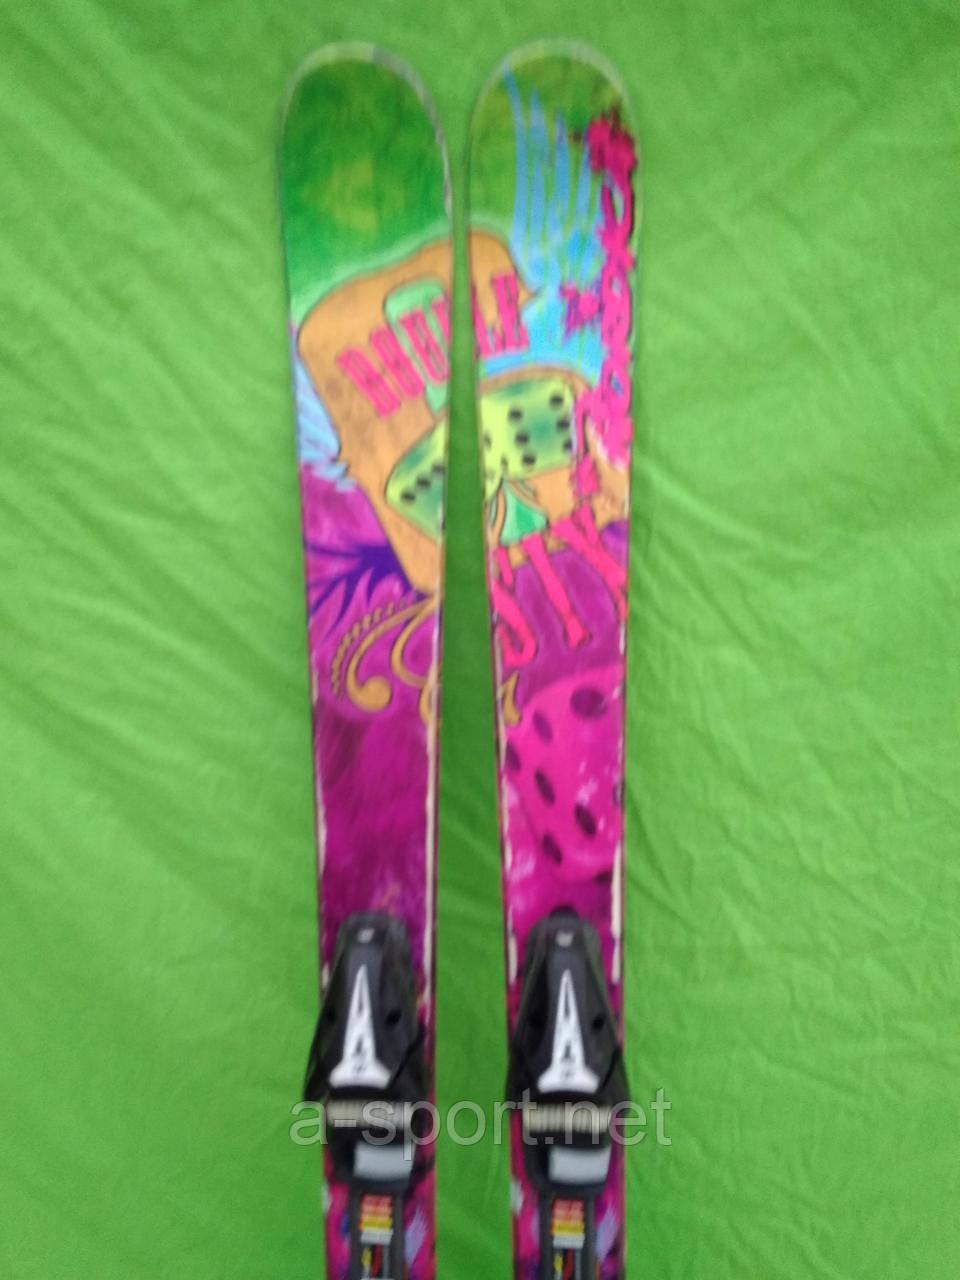 Atomic Nordica Double stx 156 см гірські лижі, фрістайл, твін-тіп